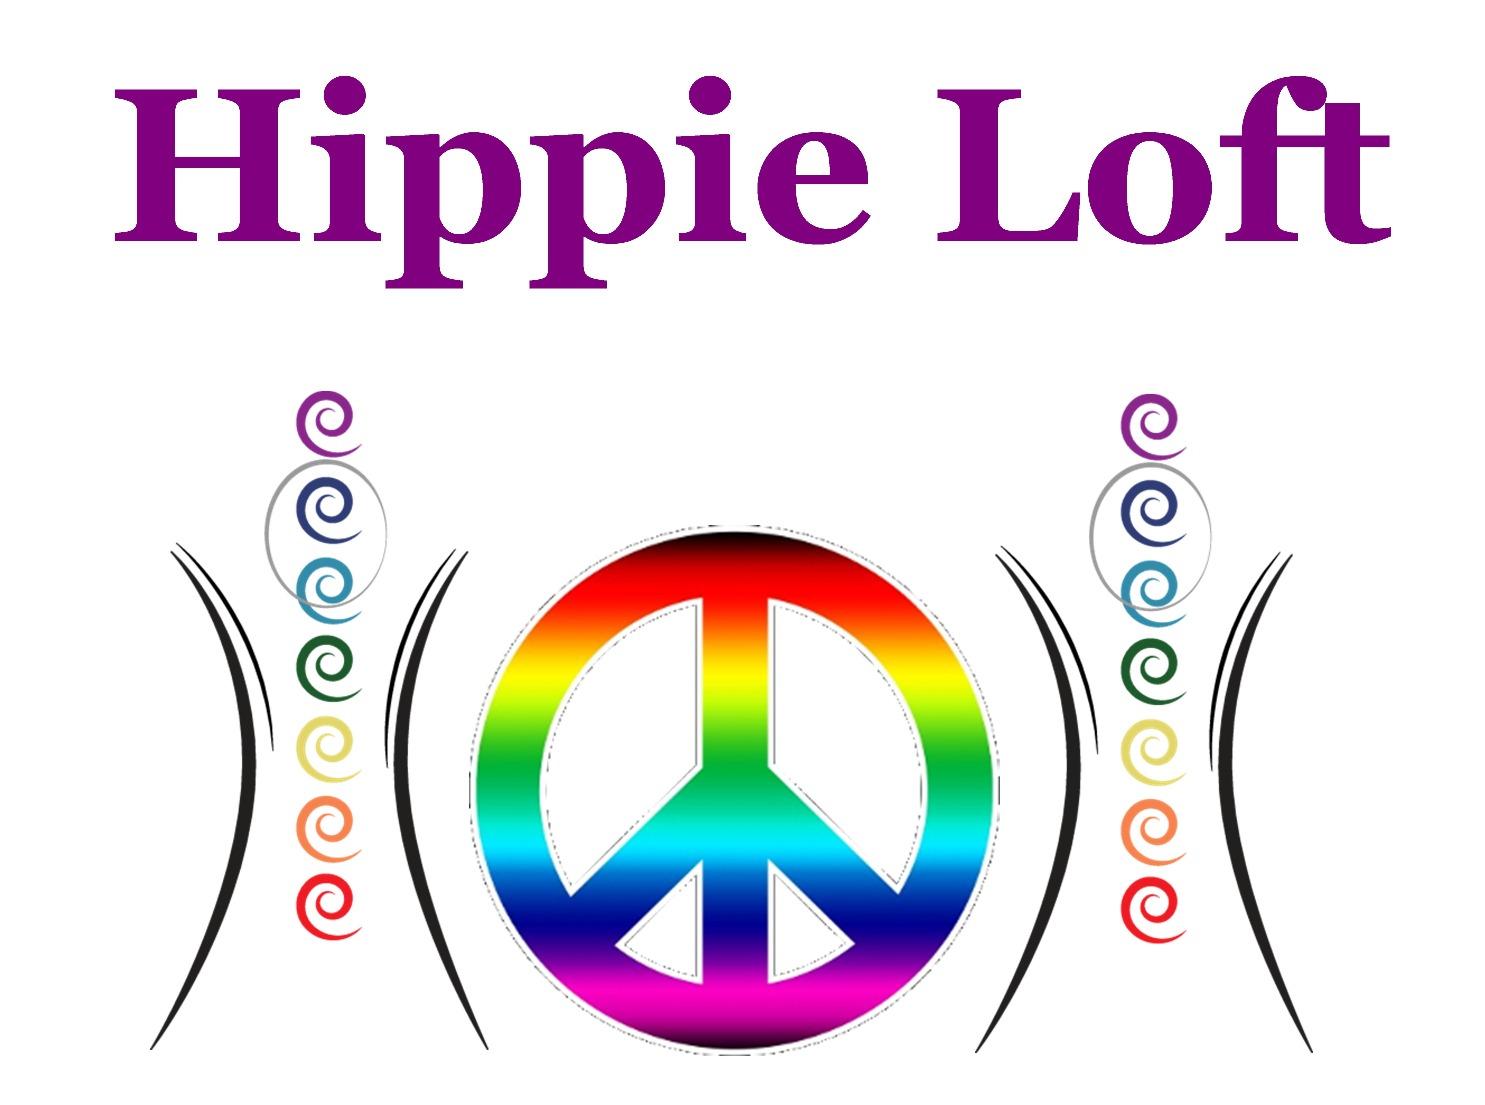 hippie loft park here_edited